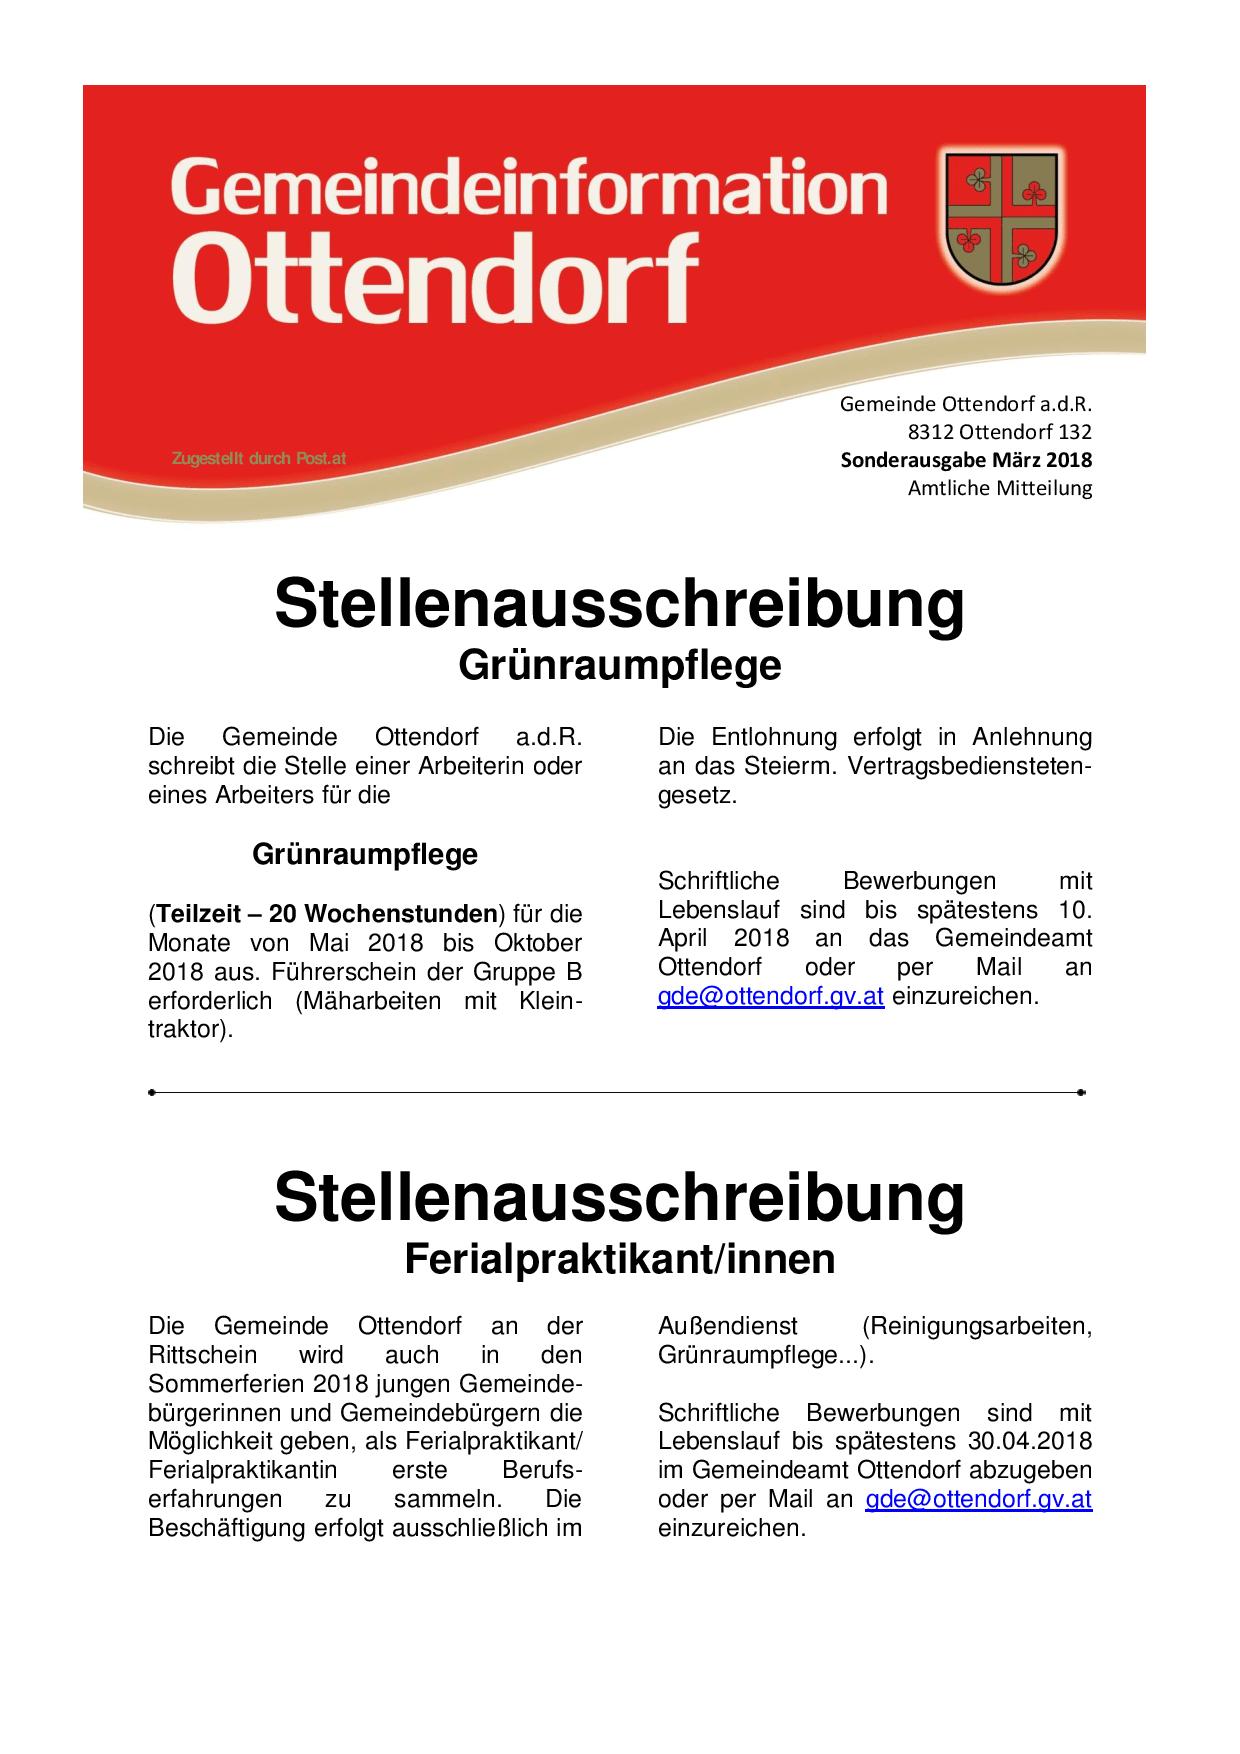 Sonderausgabe März 2018 / Stellenausschreibung - Ottendorf an der  Rittschein - RiS-Kommunal - Home - Bürgerservice - Gemeindezeitungen